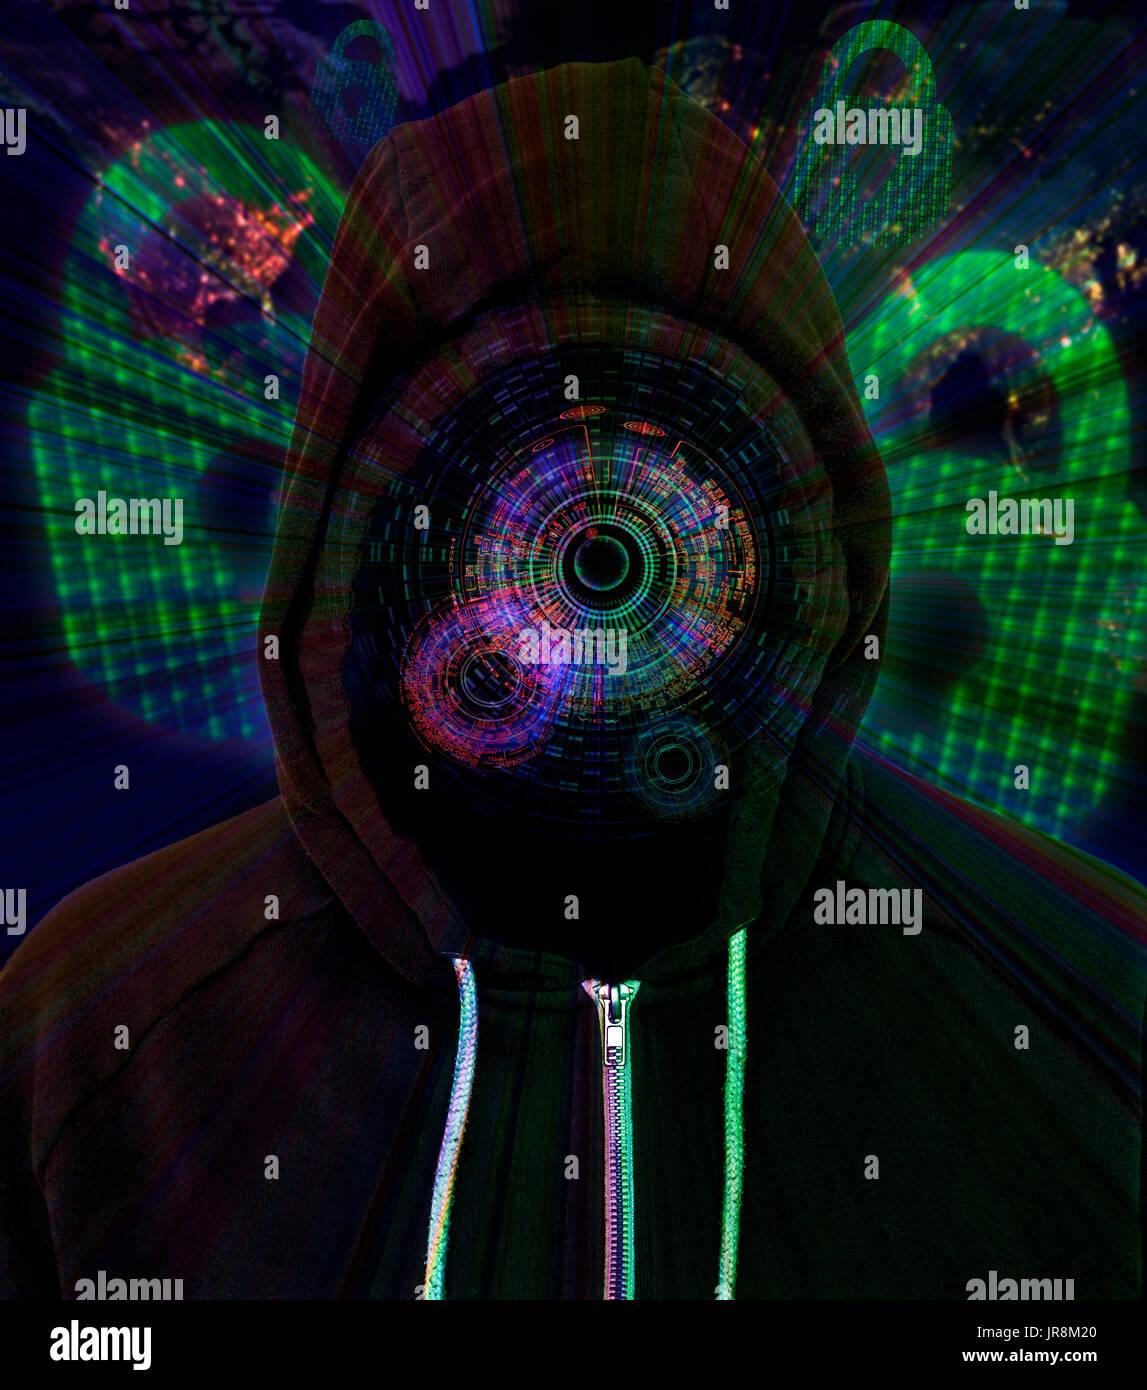 Computer-Hacker tragen eine schwarze Kapuzenshirt mit einer Augmentation HUD-Display mit Vorhängeschlössern und Binär-Code im Hintergrund Stockbild